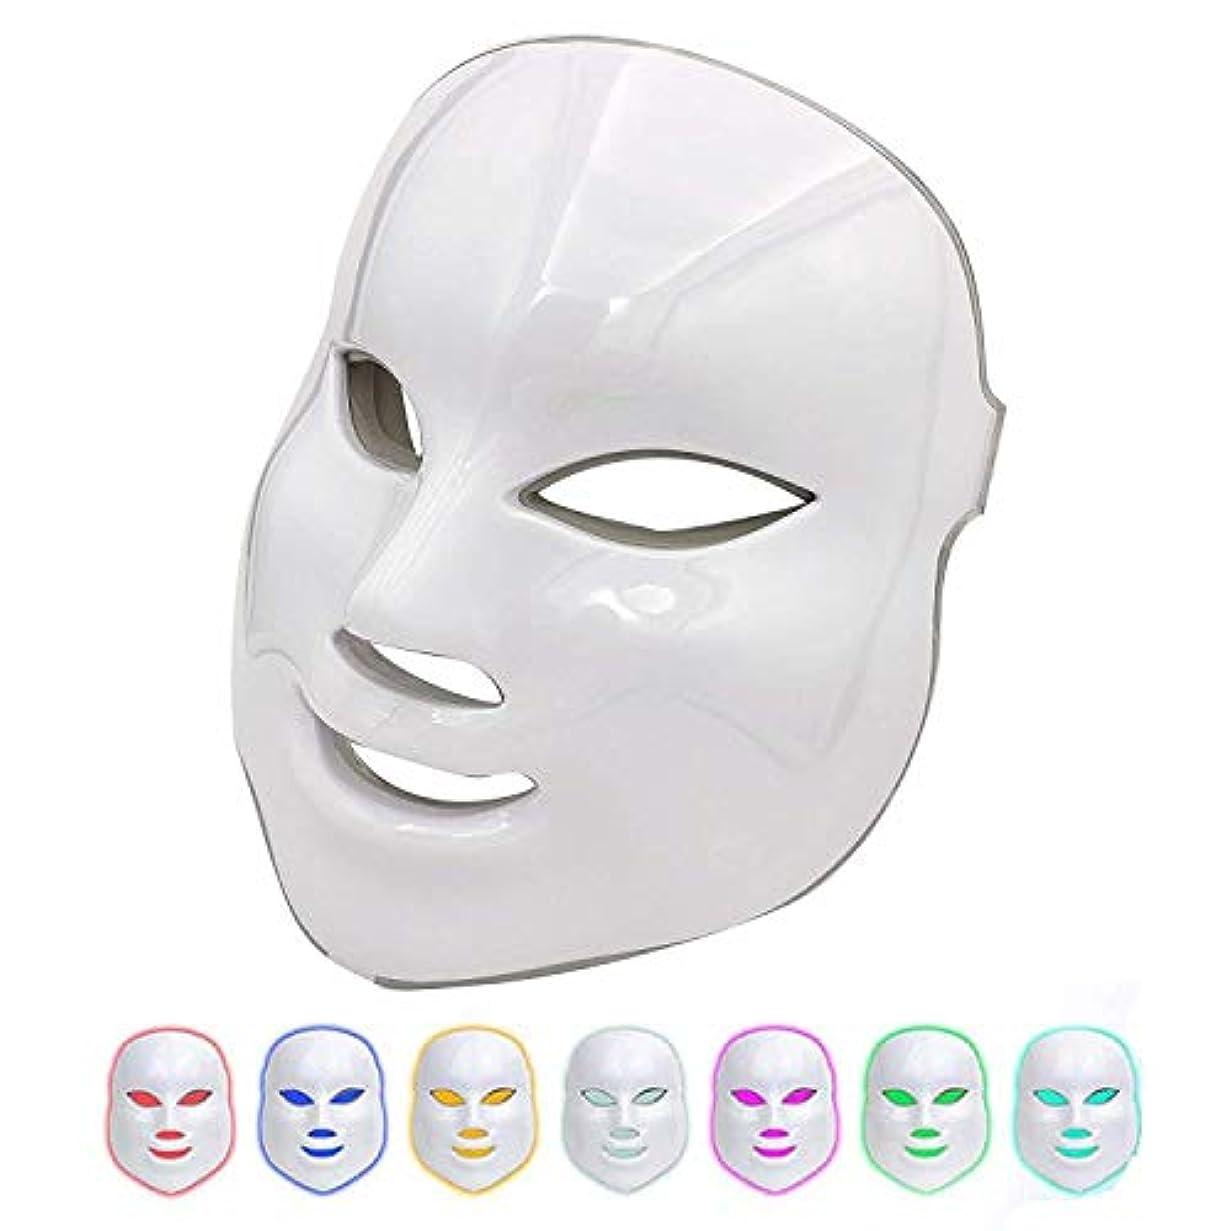 販売員オンス交じる美容マスク7色ledライト光子療法にきび跡除去アンチエイジング肌の若返りフェイシャルケアフェイシャルトーンデバイス